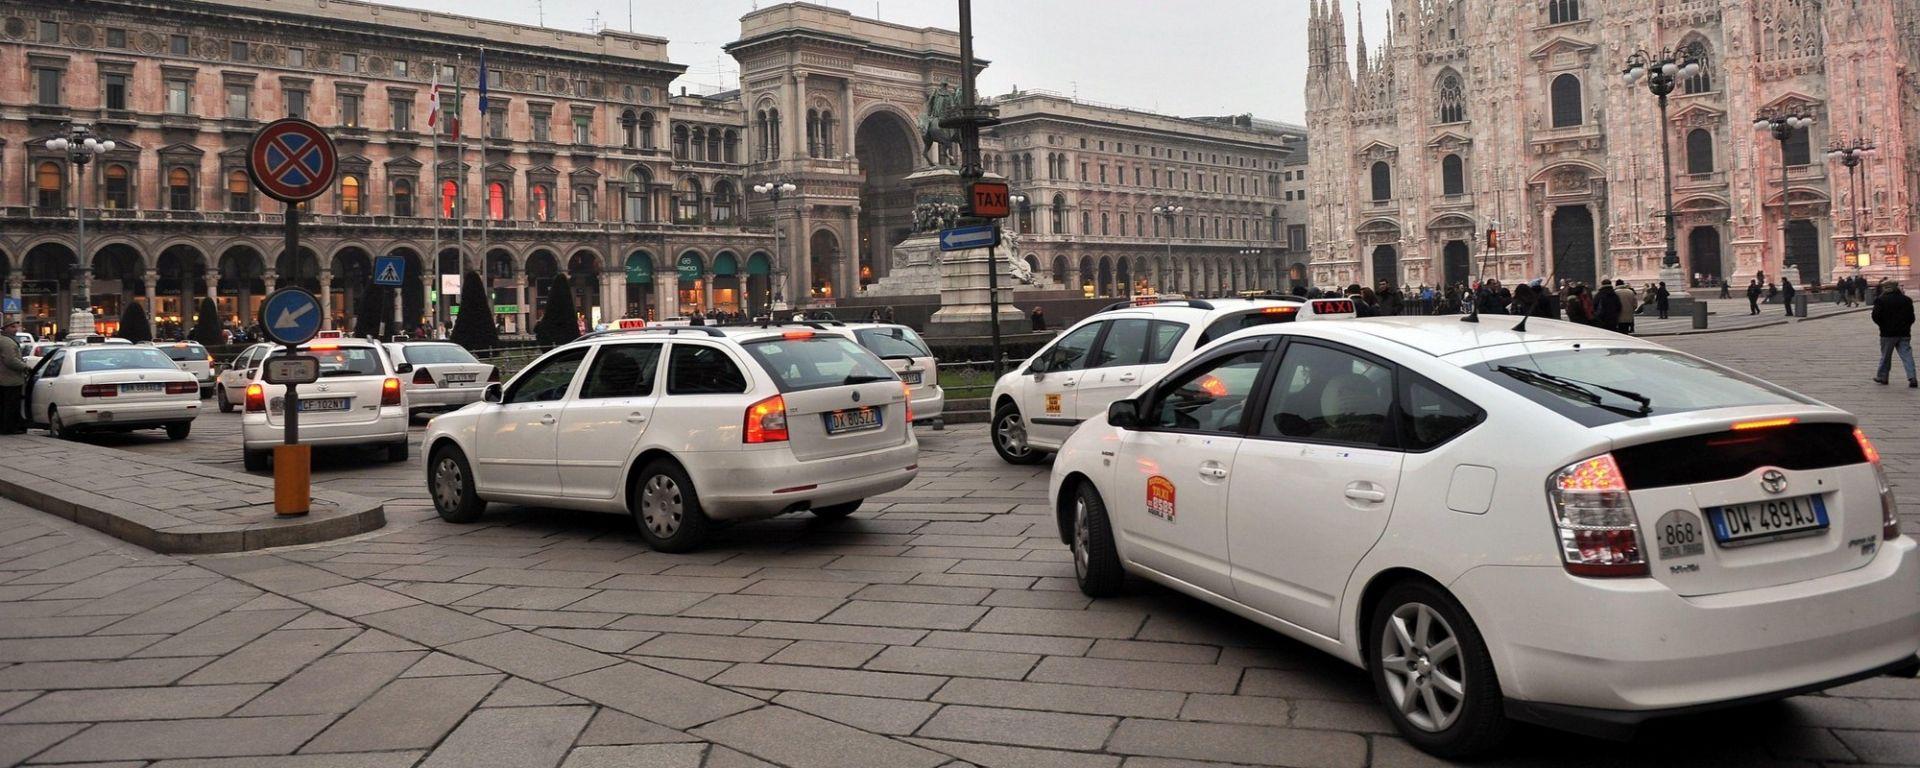 Bollo auto, in Lombardia esenzione per i primi 3 anni